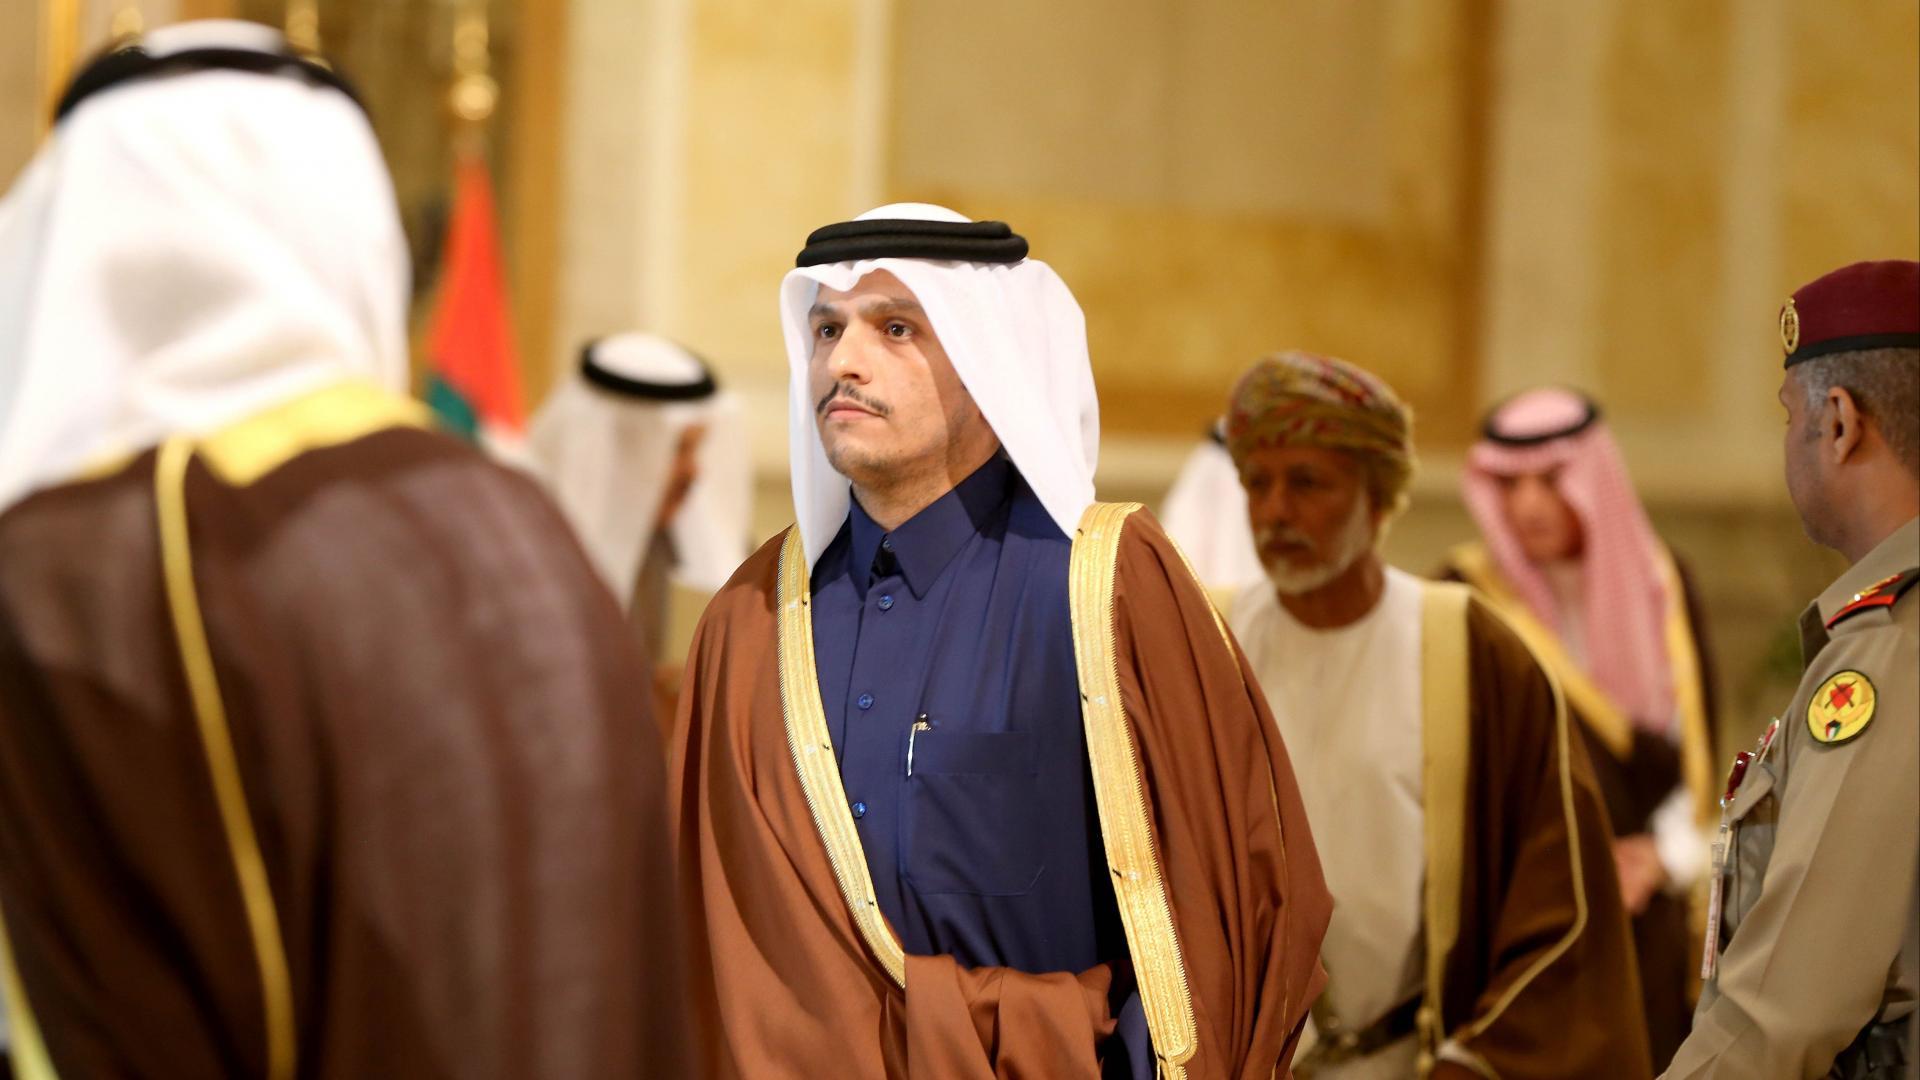 وزير خارجية قطر يوضح موقف بلاده من إيران.. وعن خاشقجي: التعامل مع المعارضة السياسية بجرائم خطأ